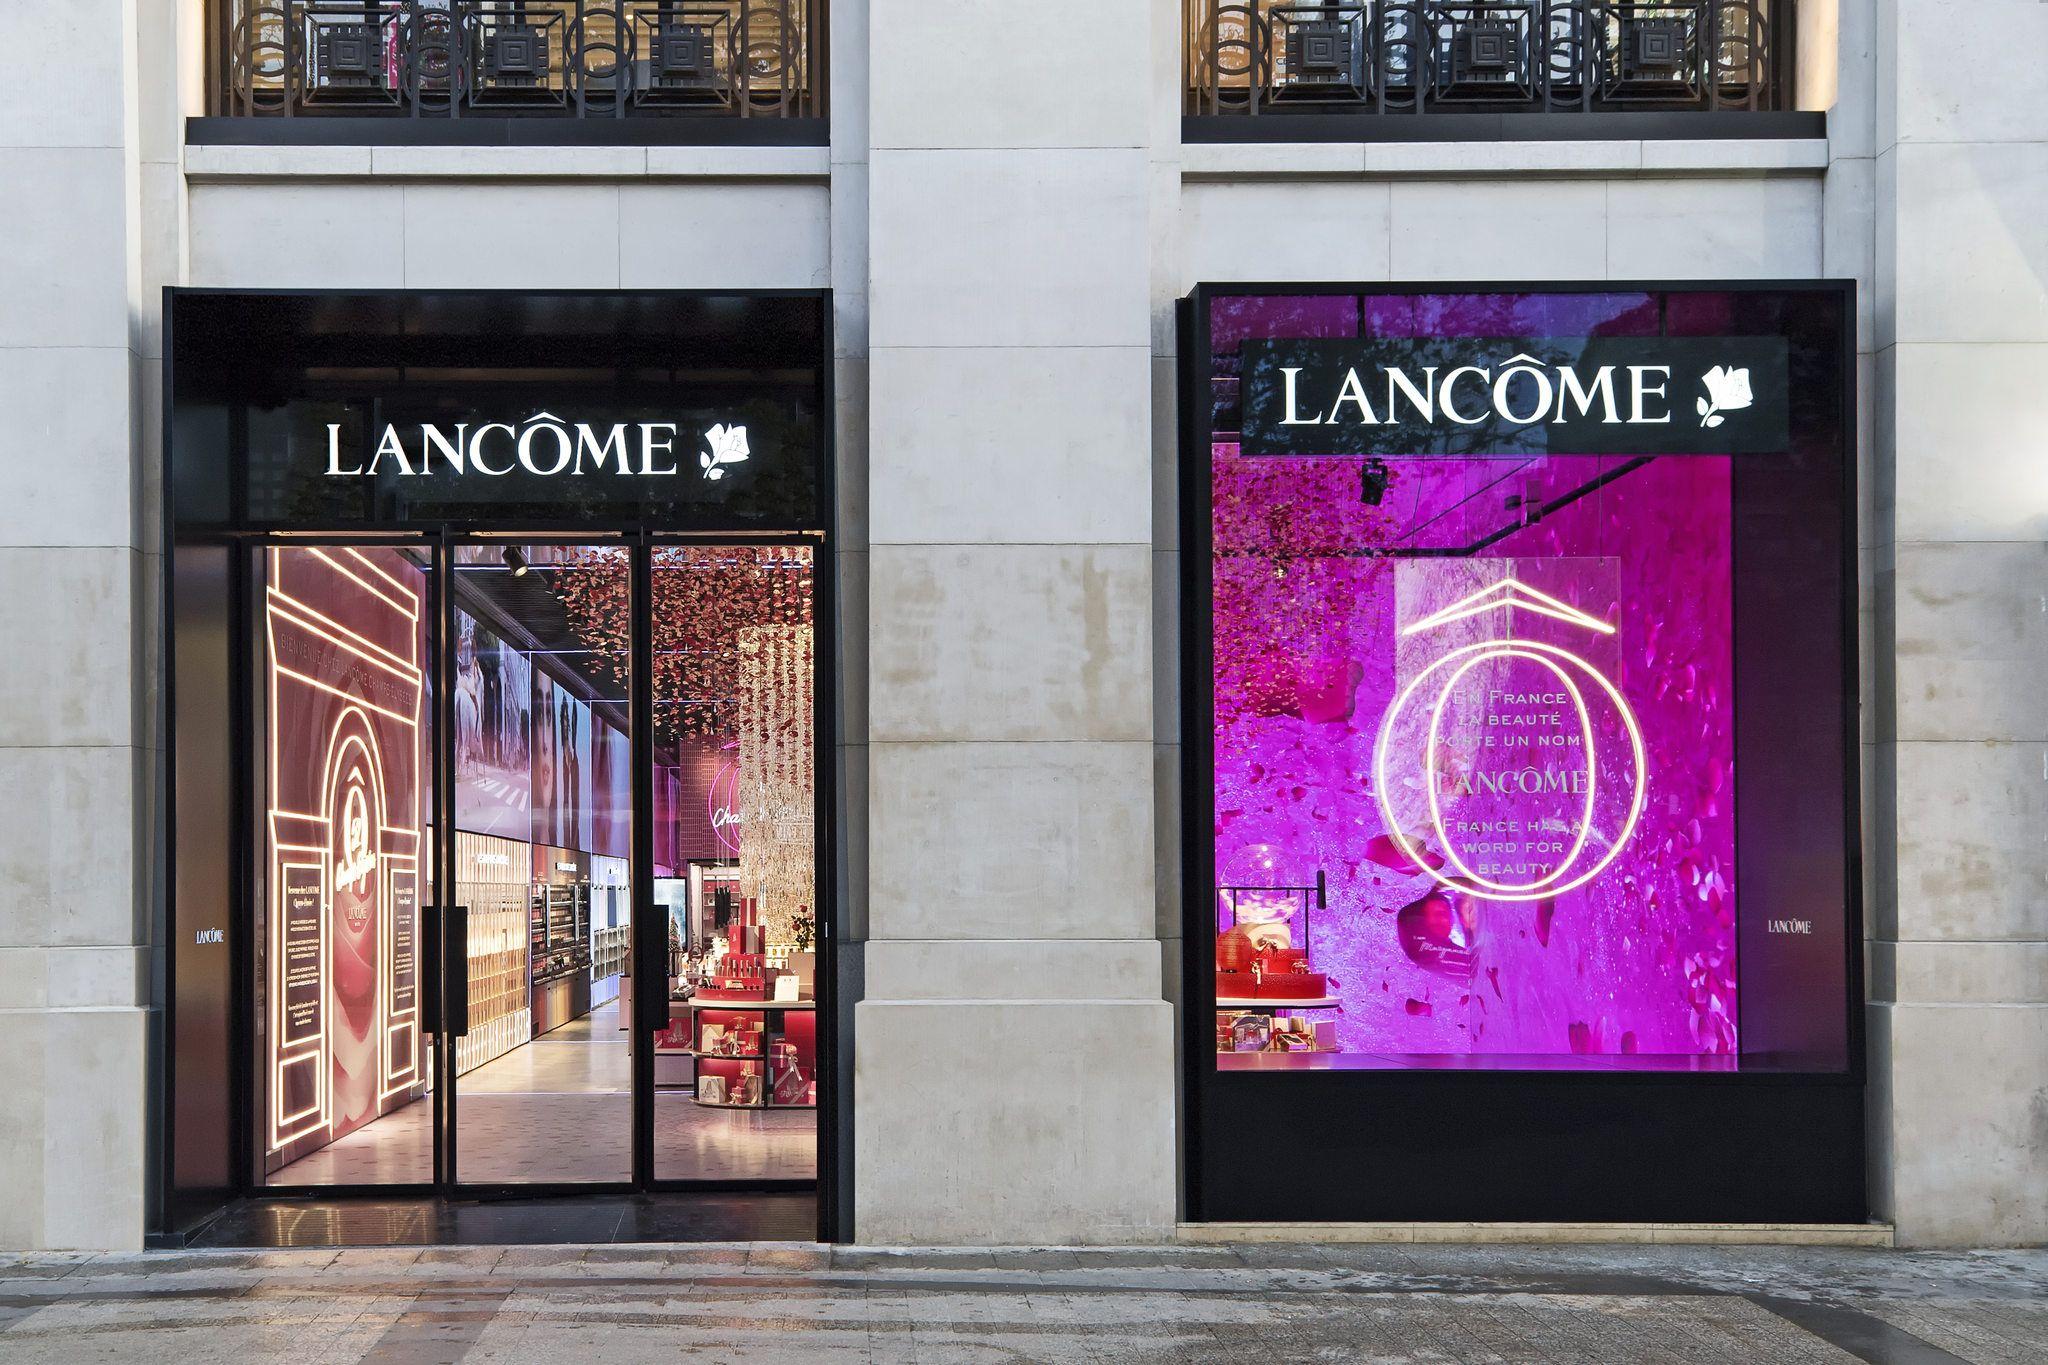 Lancôme opens flagship store on ChampsElysées in Paris en